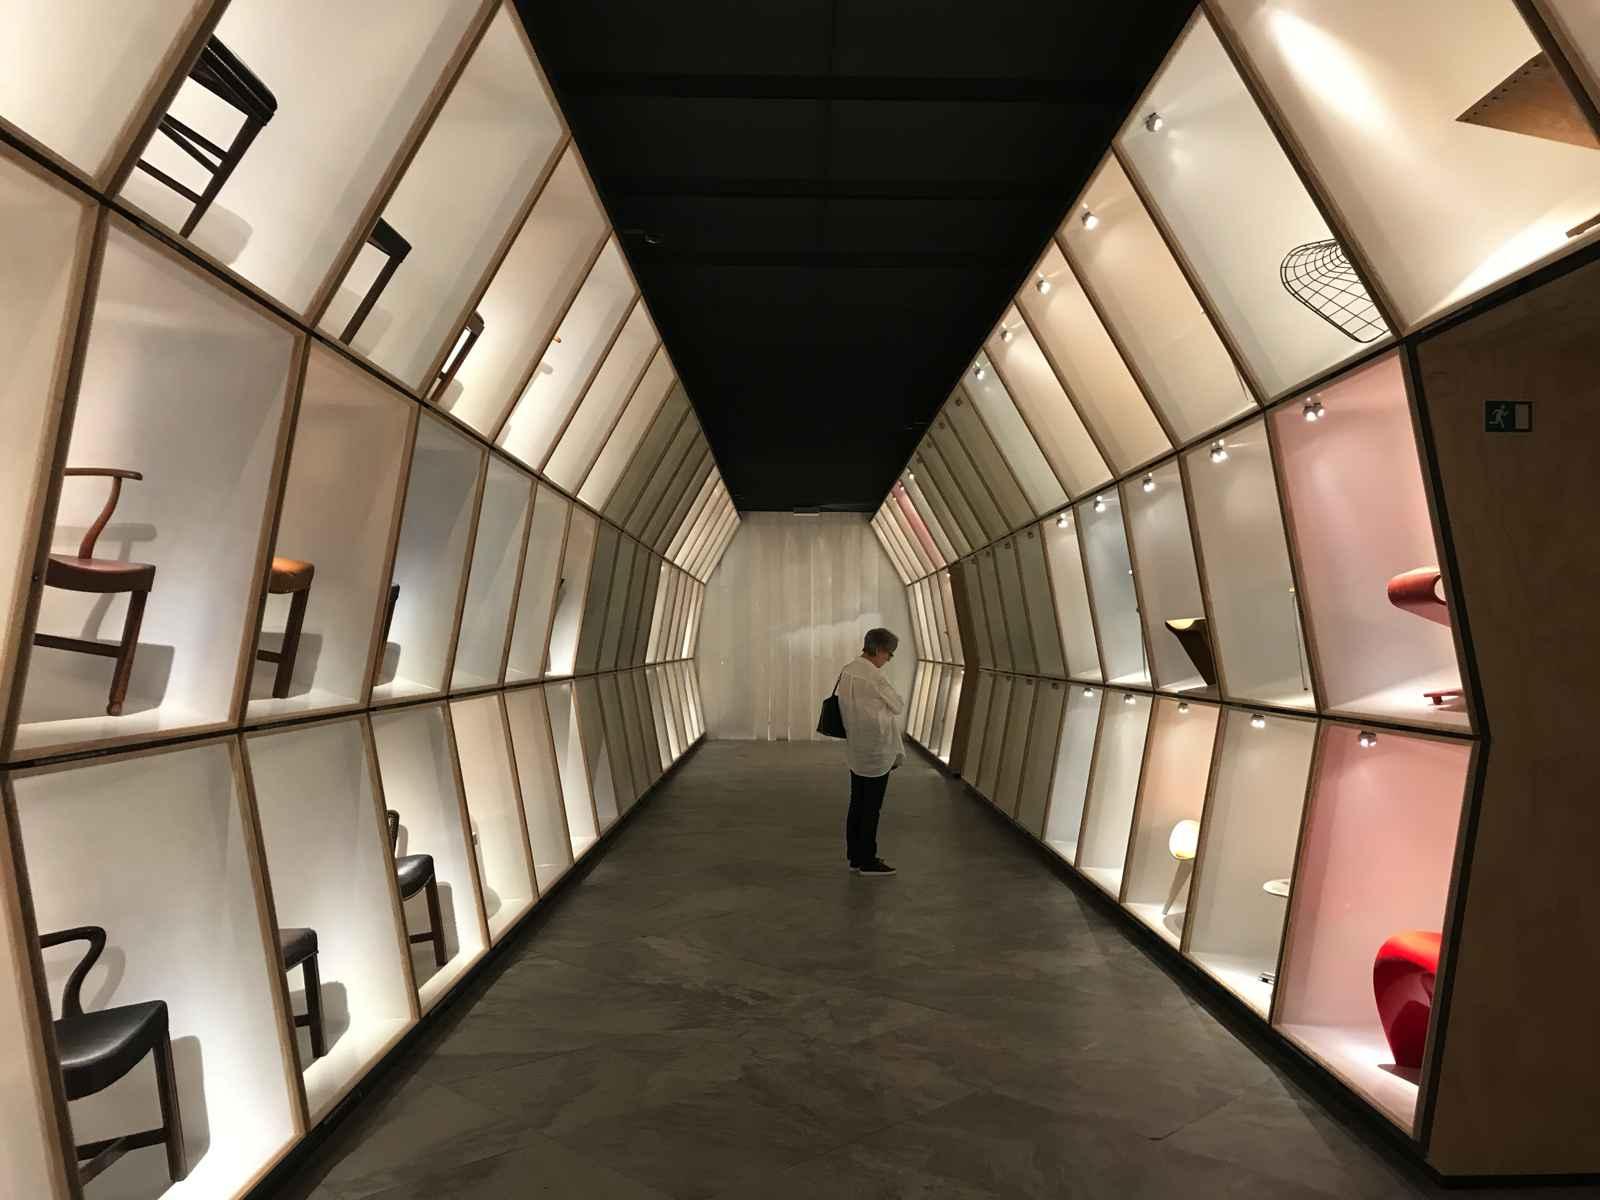 Designmuseum Kopenhagen tunnelartiger Wandverbau mit Nischen für Designklassiker